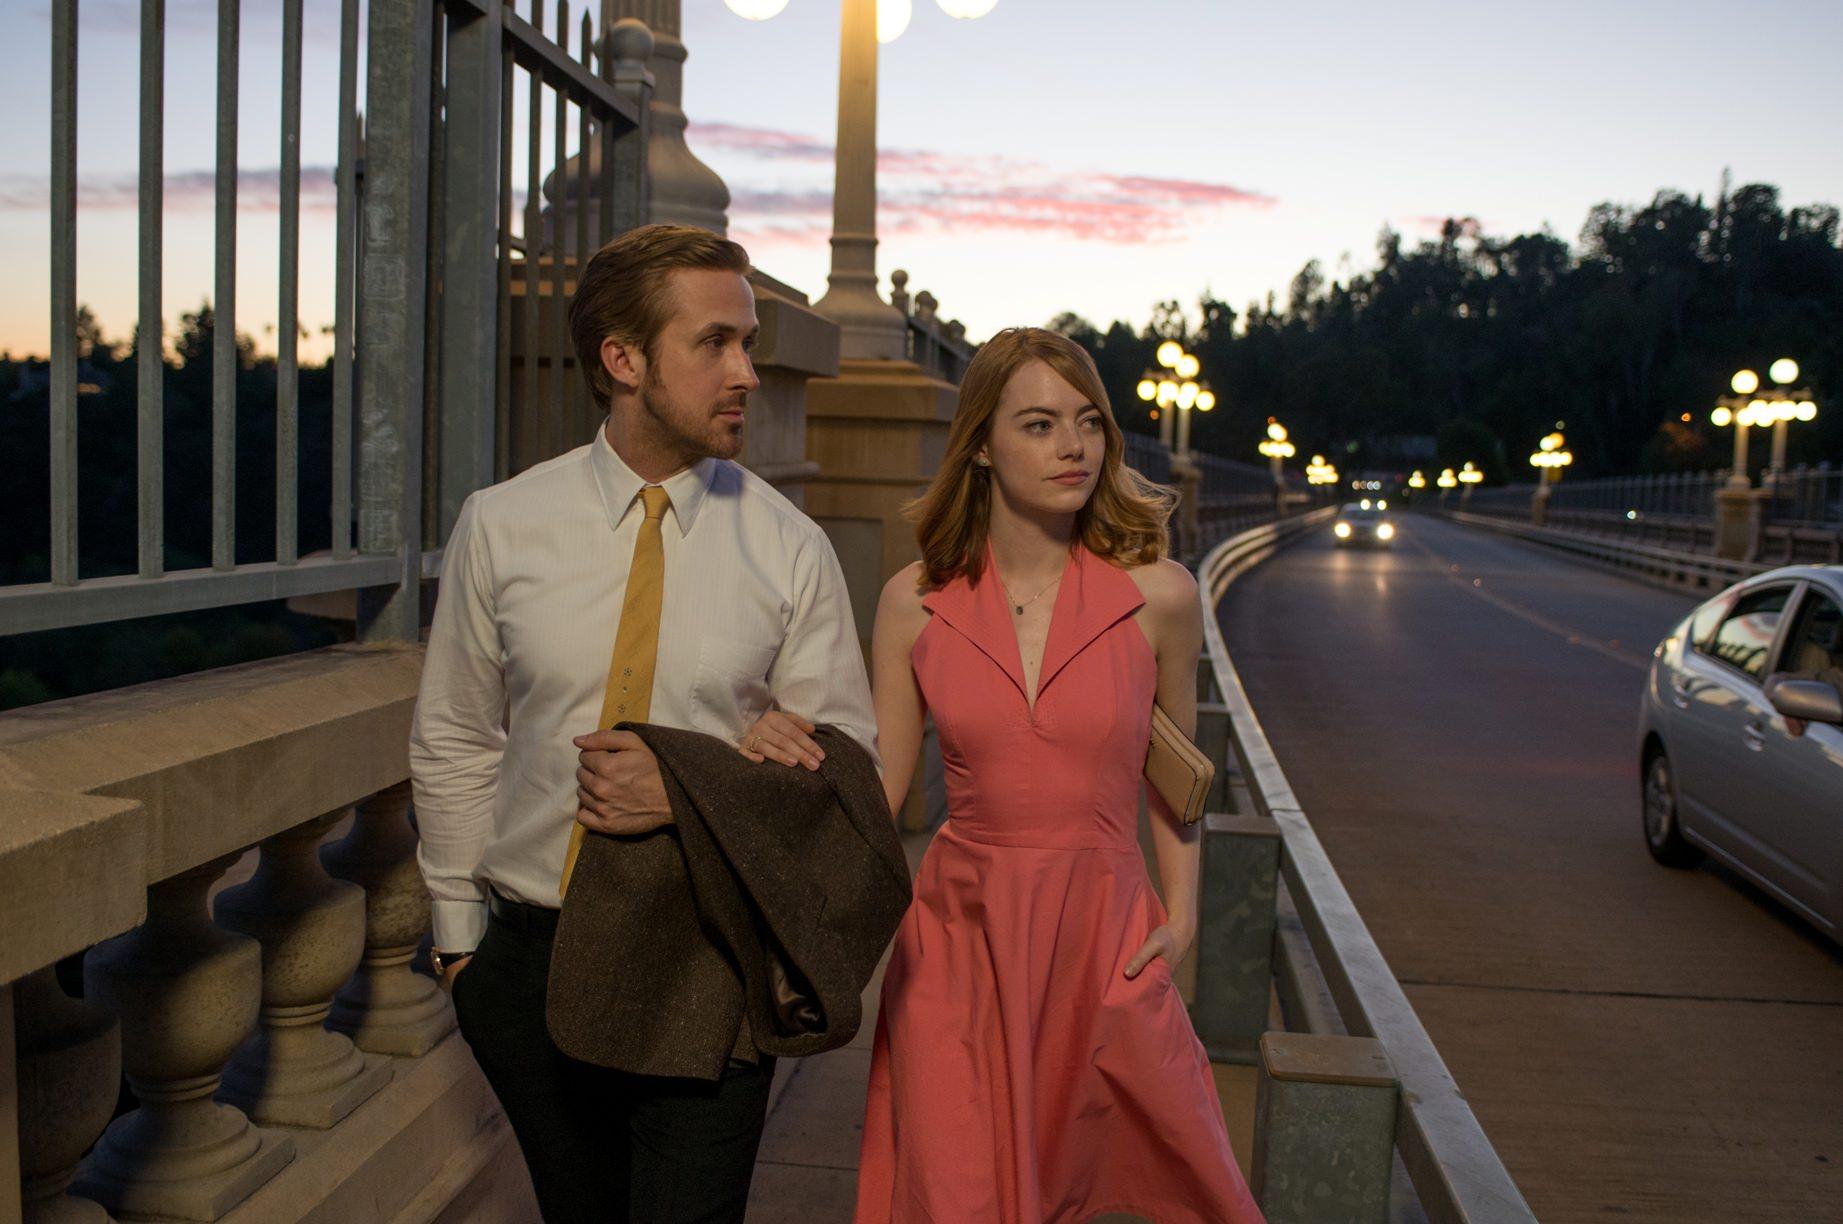 忘不掉的是回憶,繼續的是生活,錯過的就把它收在心裡變成最美好的印記-《樂來越愛你》- 我們用電影寫日記